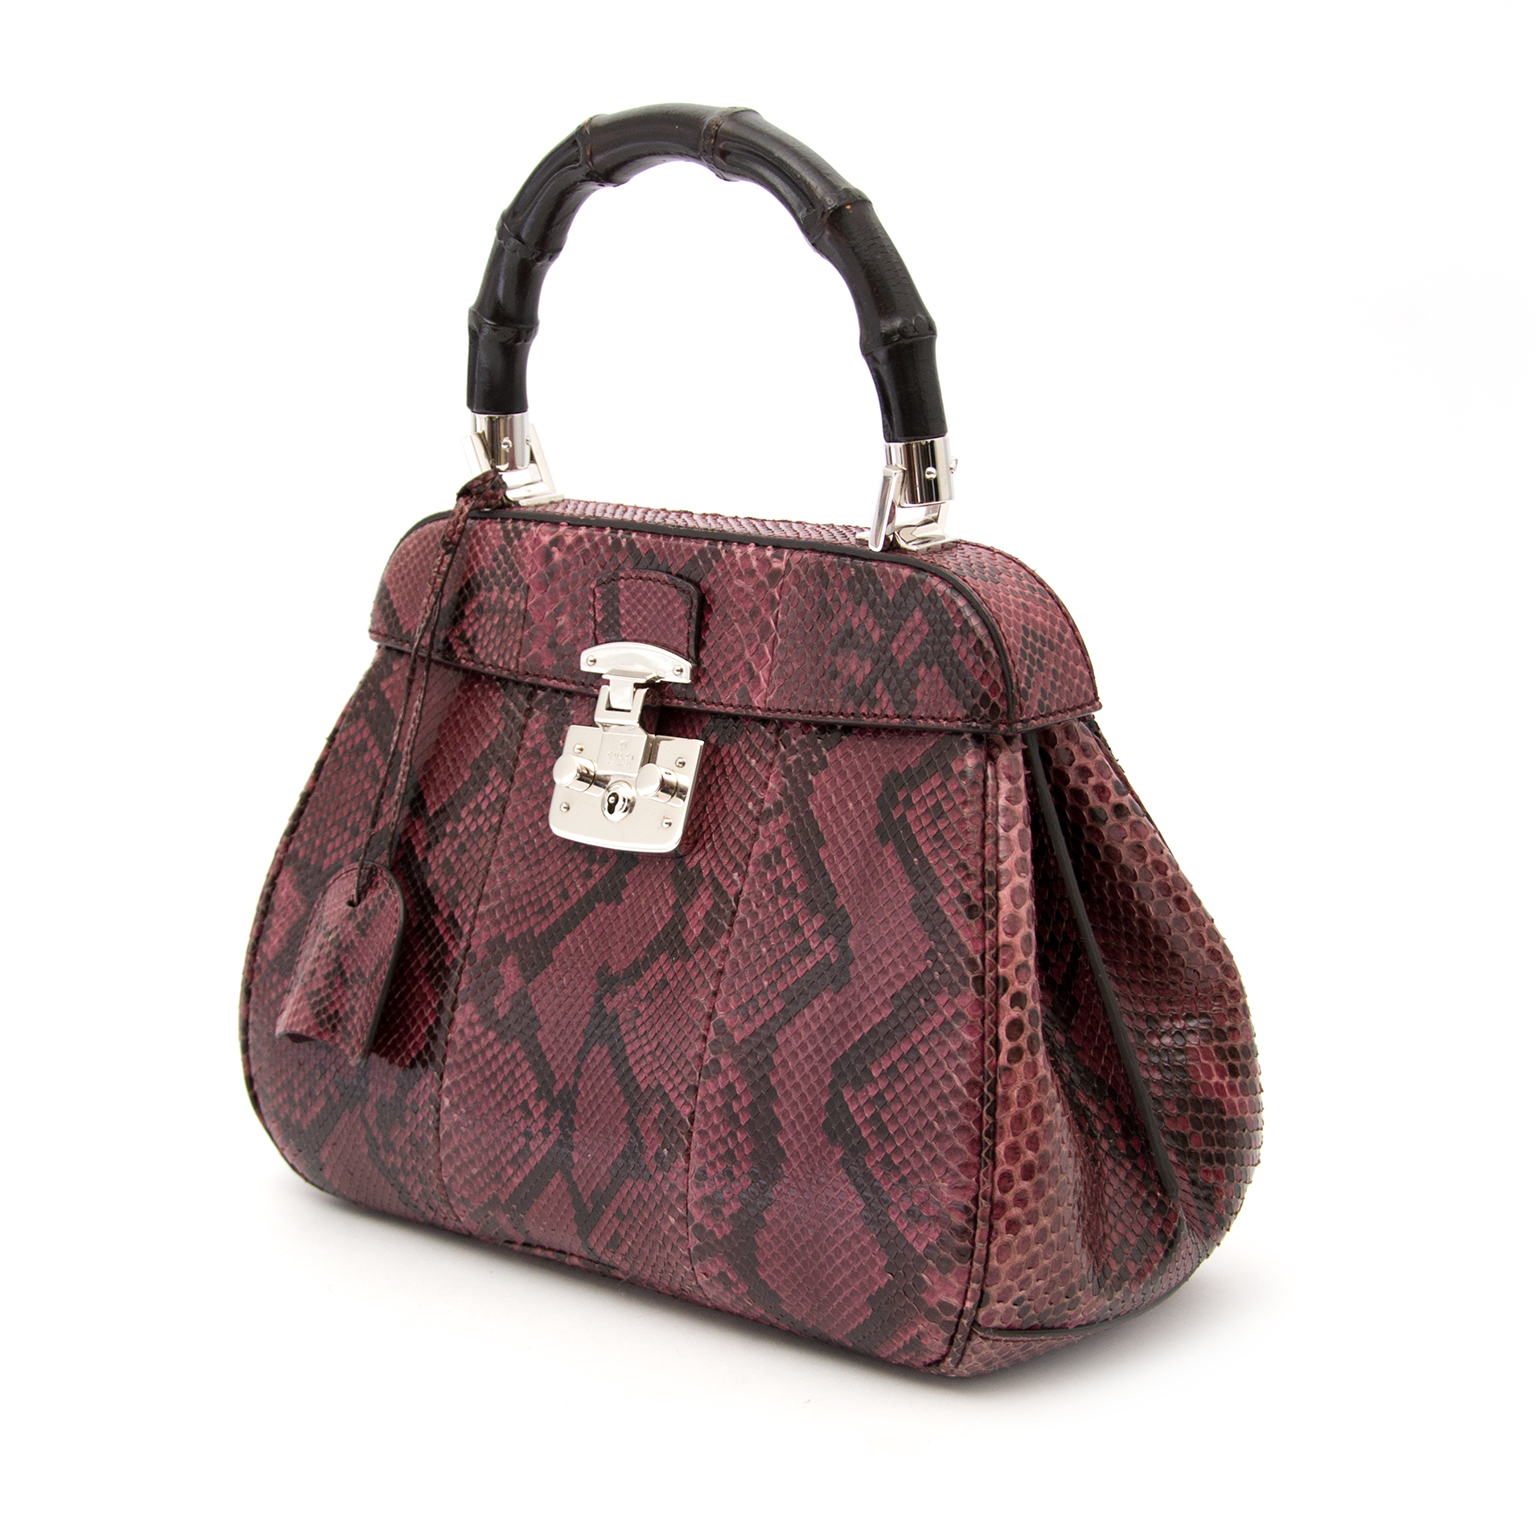 koop een Gucci Lady Lock Wine Python Top Handle Bag online.